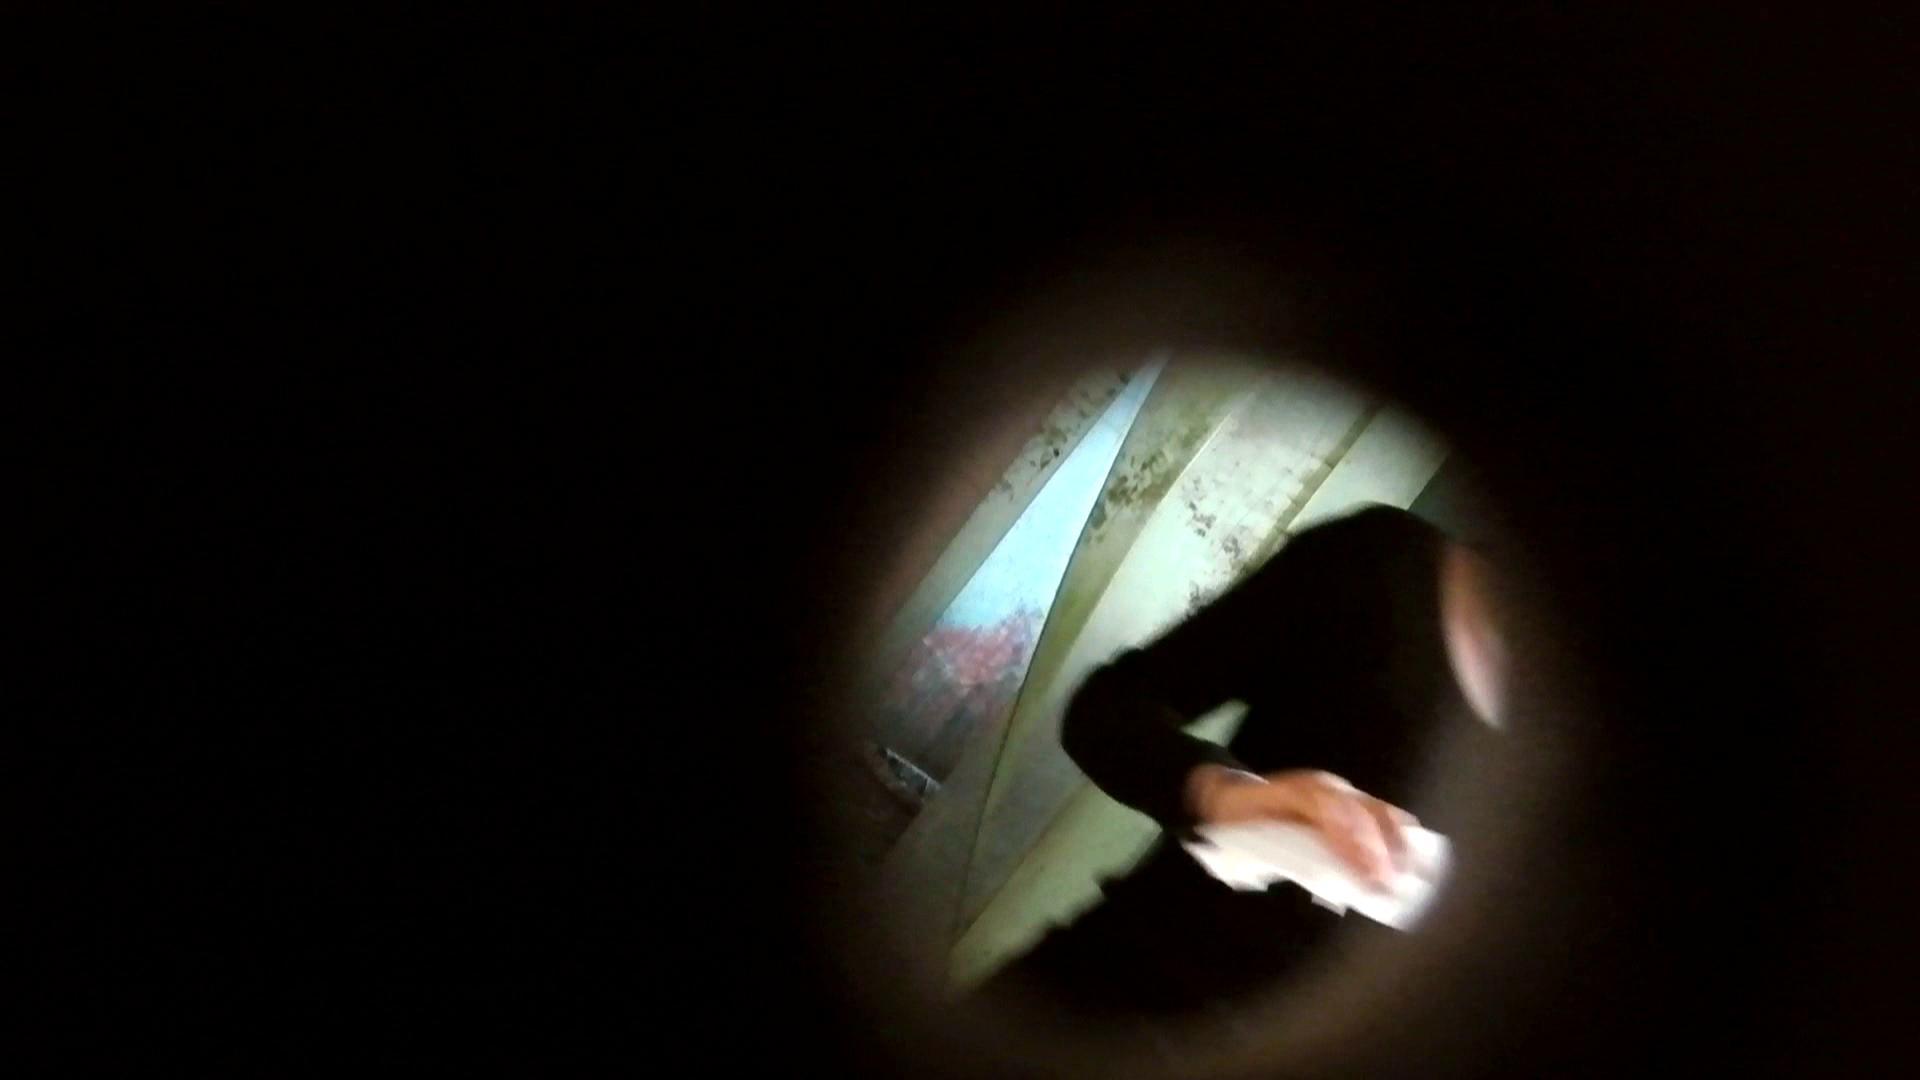 世界の射窓から ステーション編 vol.10 OLの実態  42pic 18